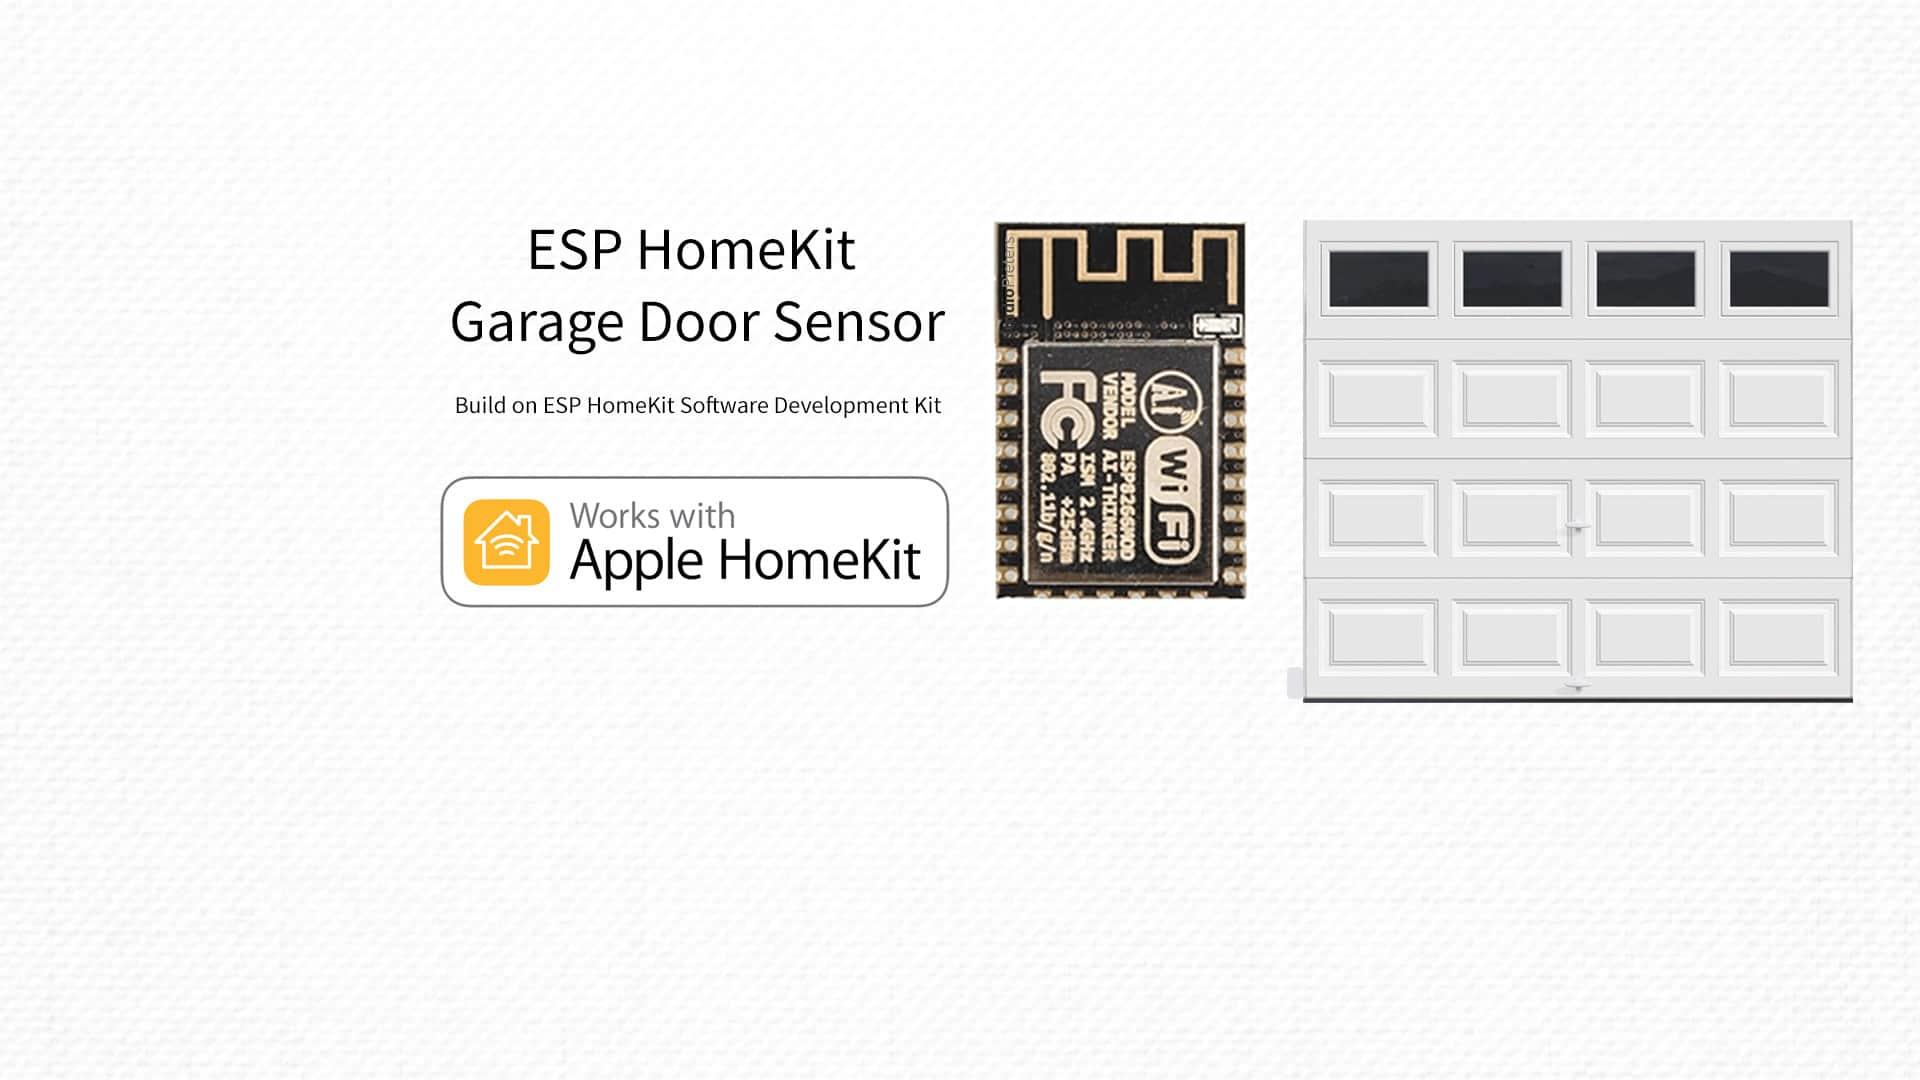 ESP8266 – HomeKit Garage Door Sensor